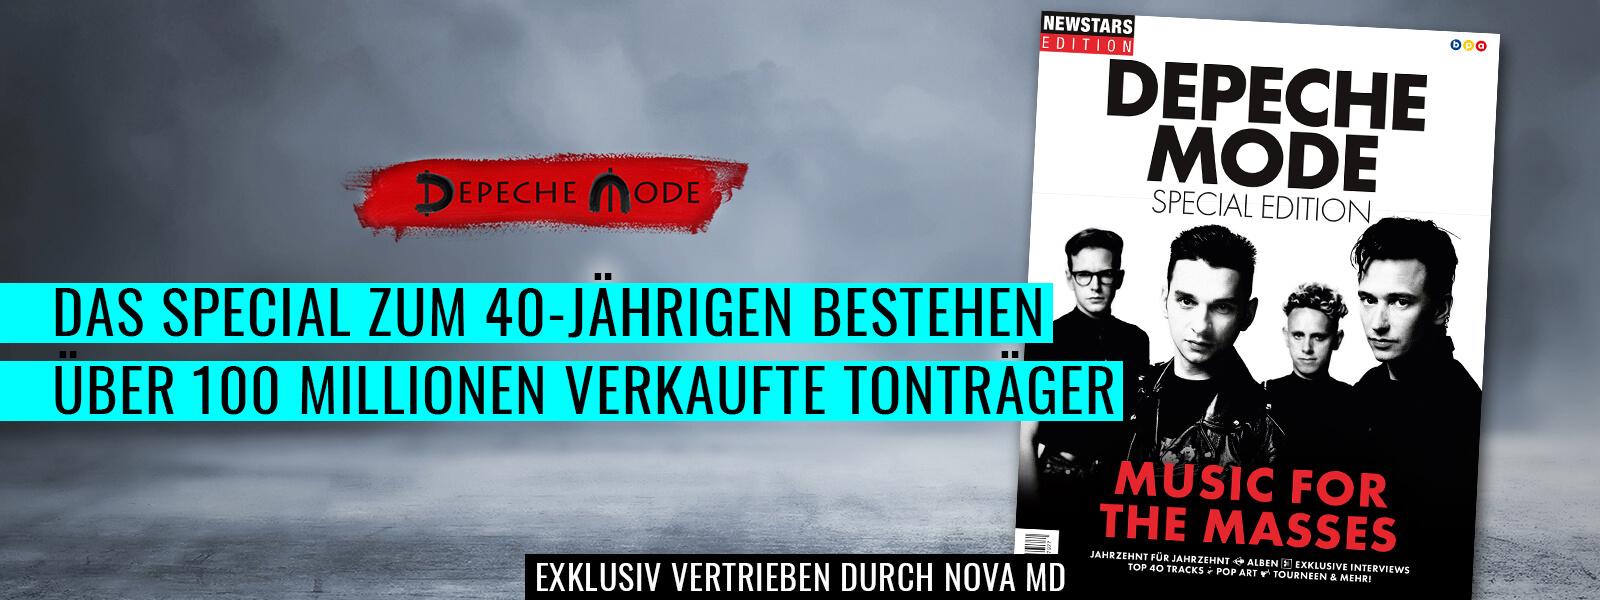 Das Magazin zum 40-jährigen Bestehen von Depeche Mode